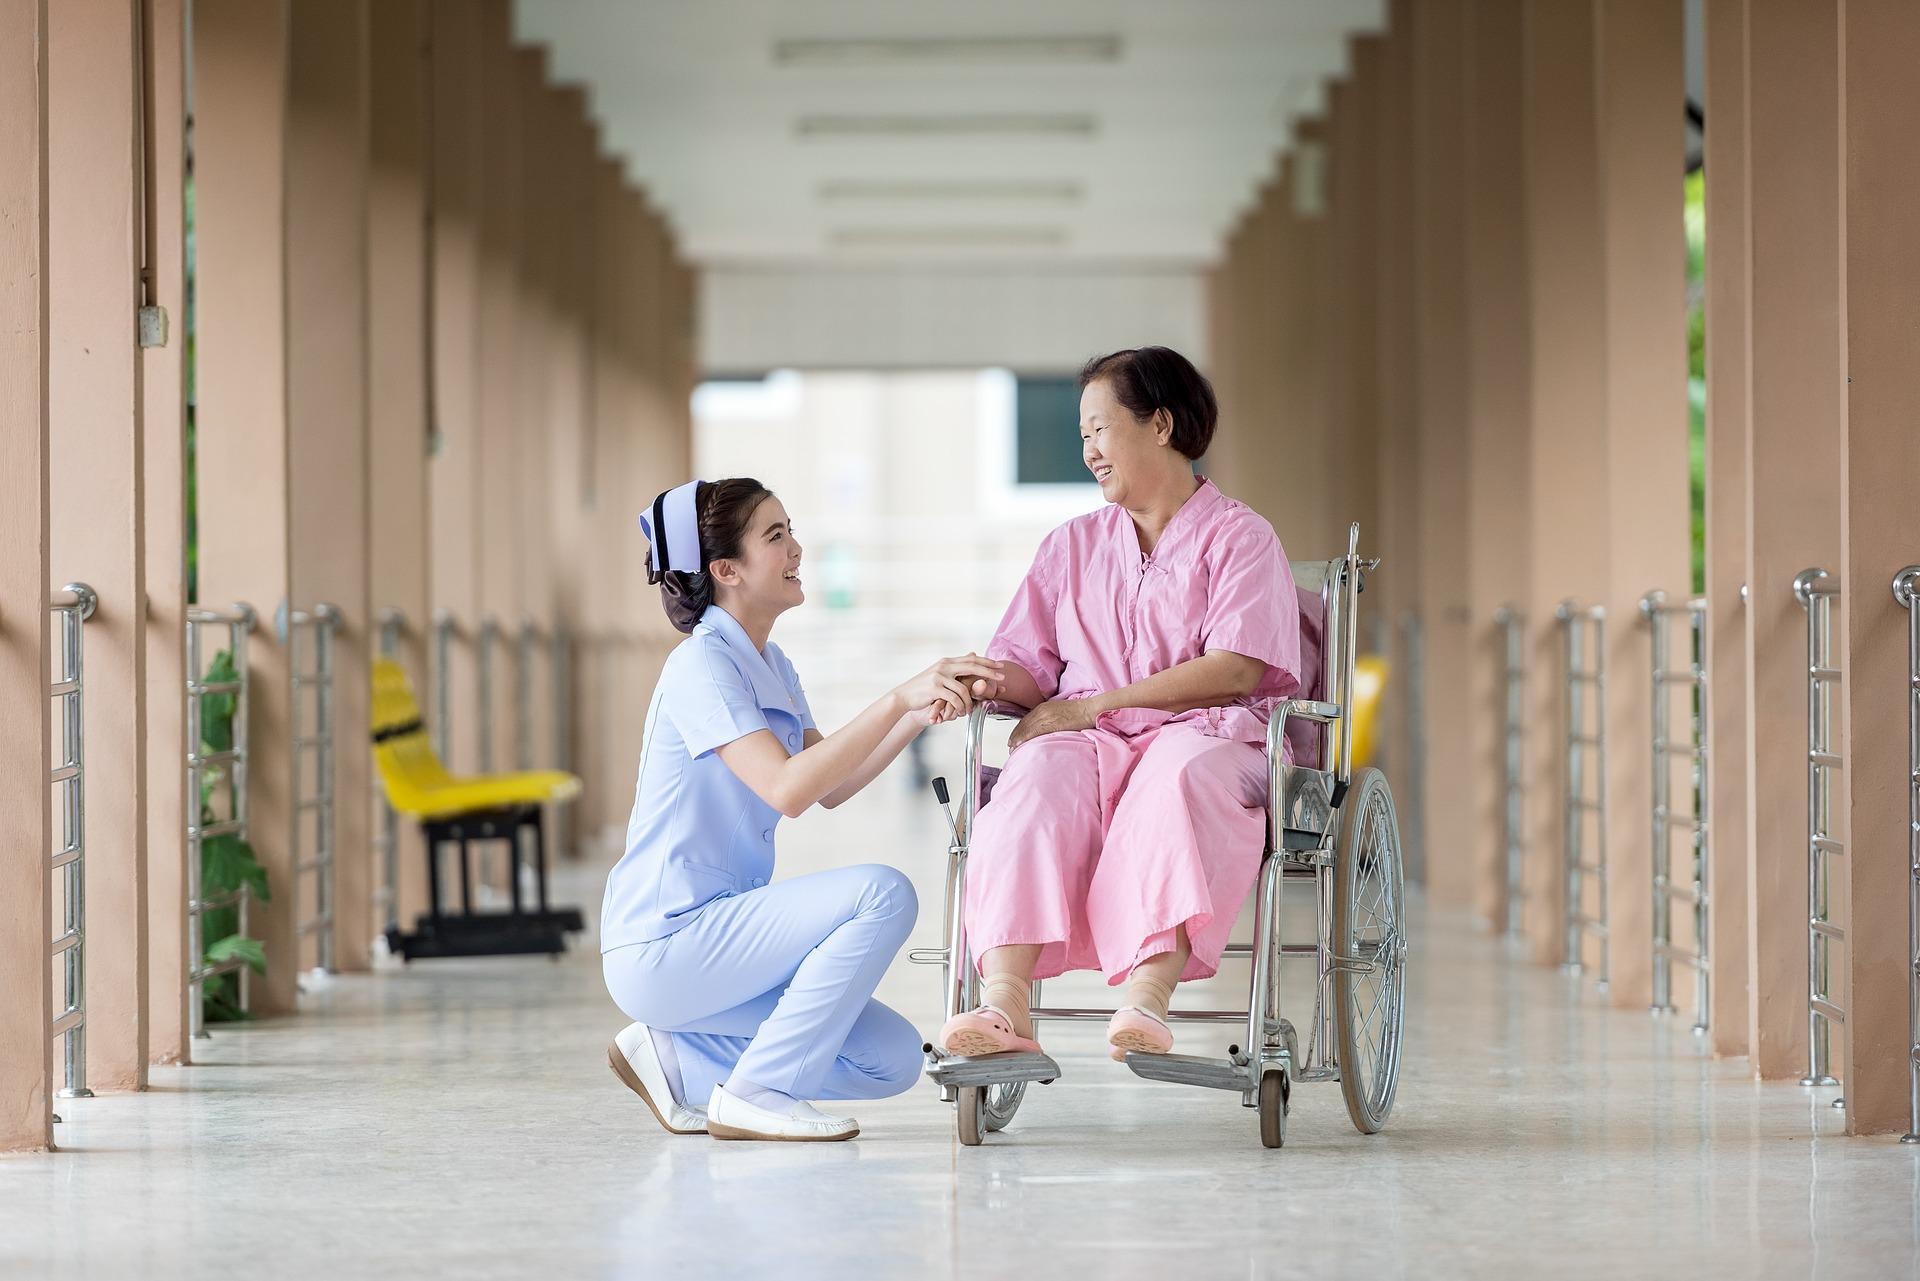 Los mejores cursos sanitarios   Los mejores cursos sanitarios EnfermeraPaciente